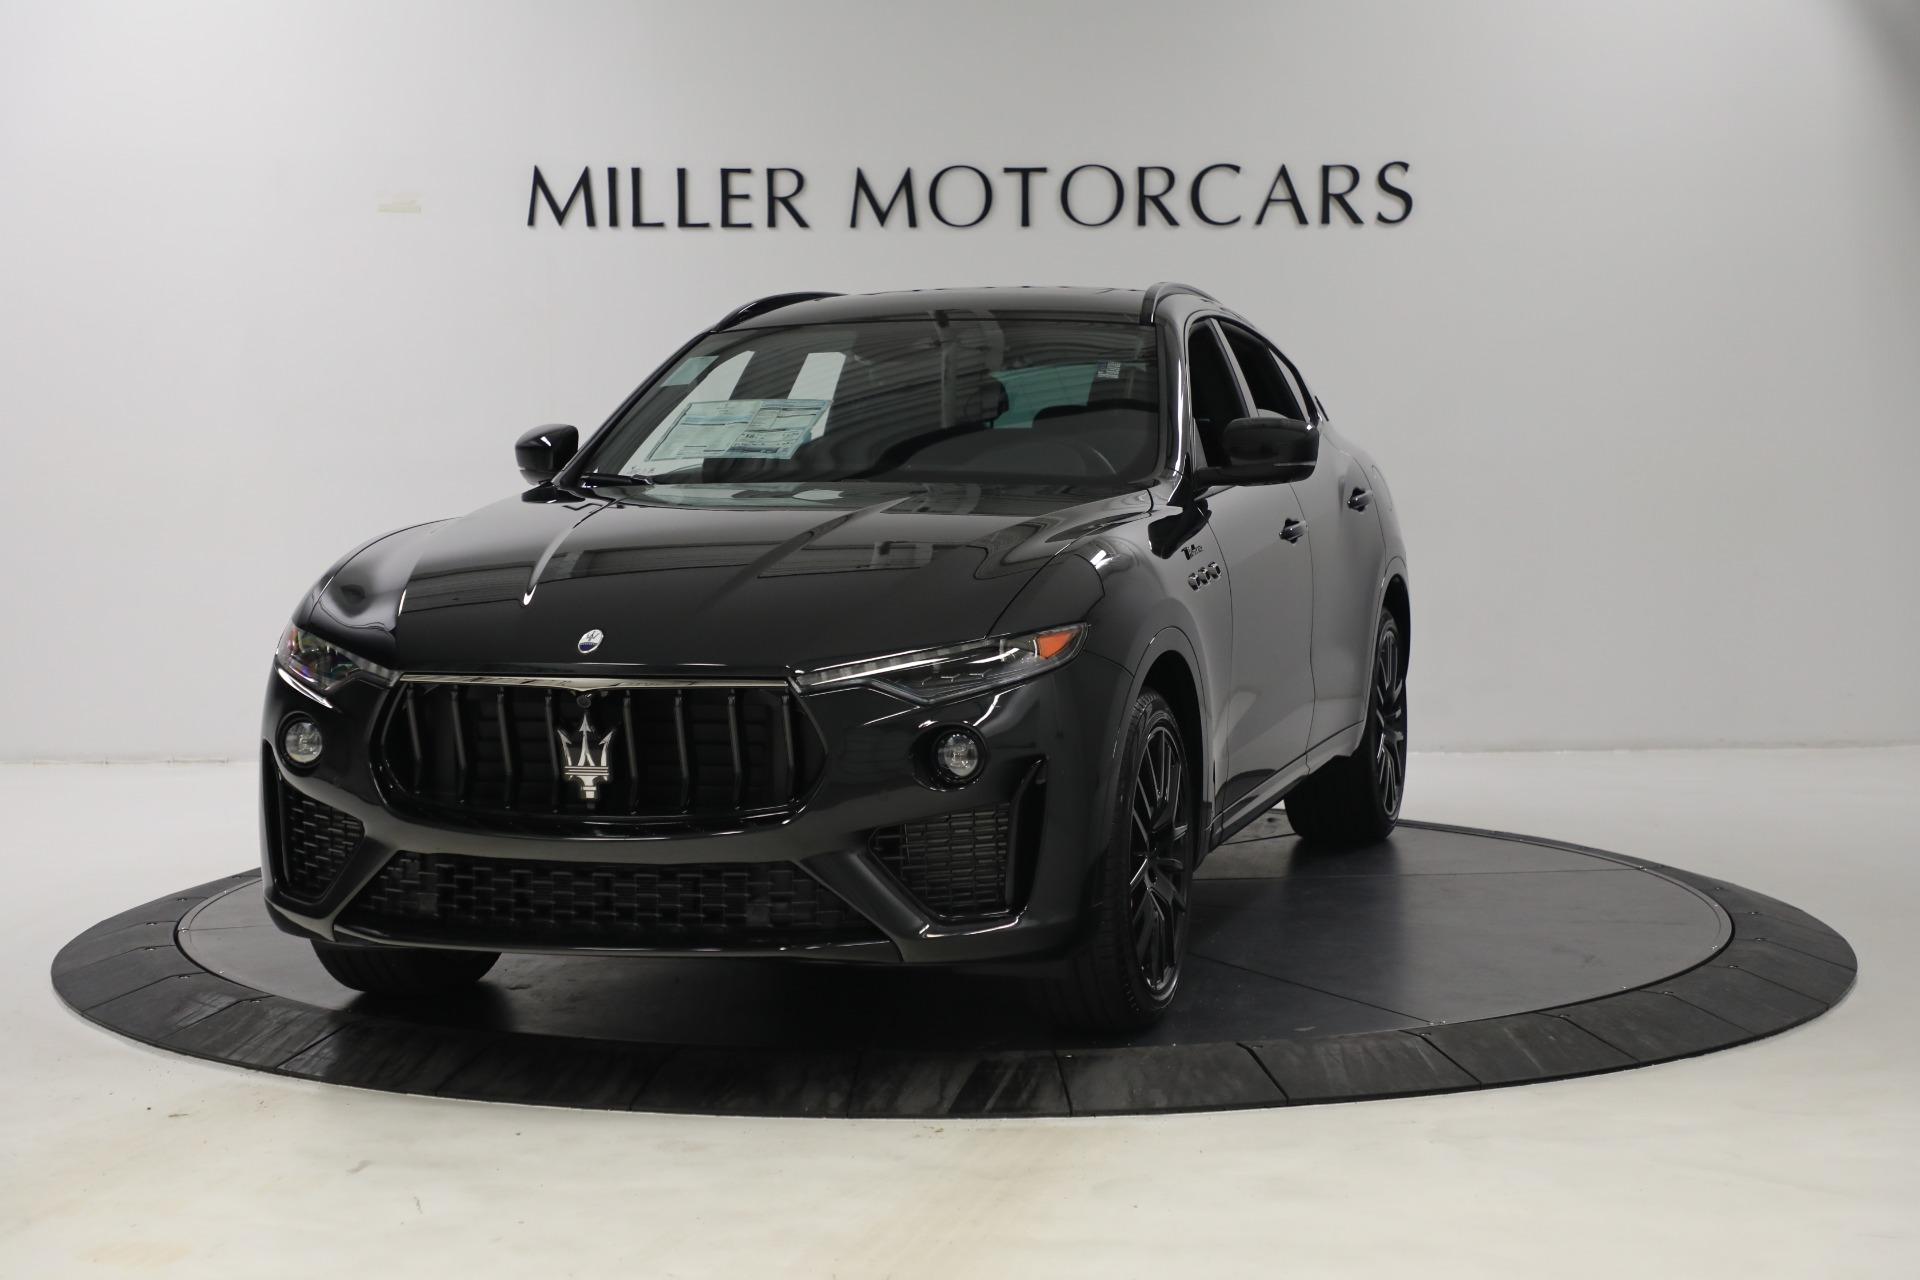 New 2022 Maserati Levante Modena for sale $108,775 at McLaren Greenwich in Greenwich CT 06830 1